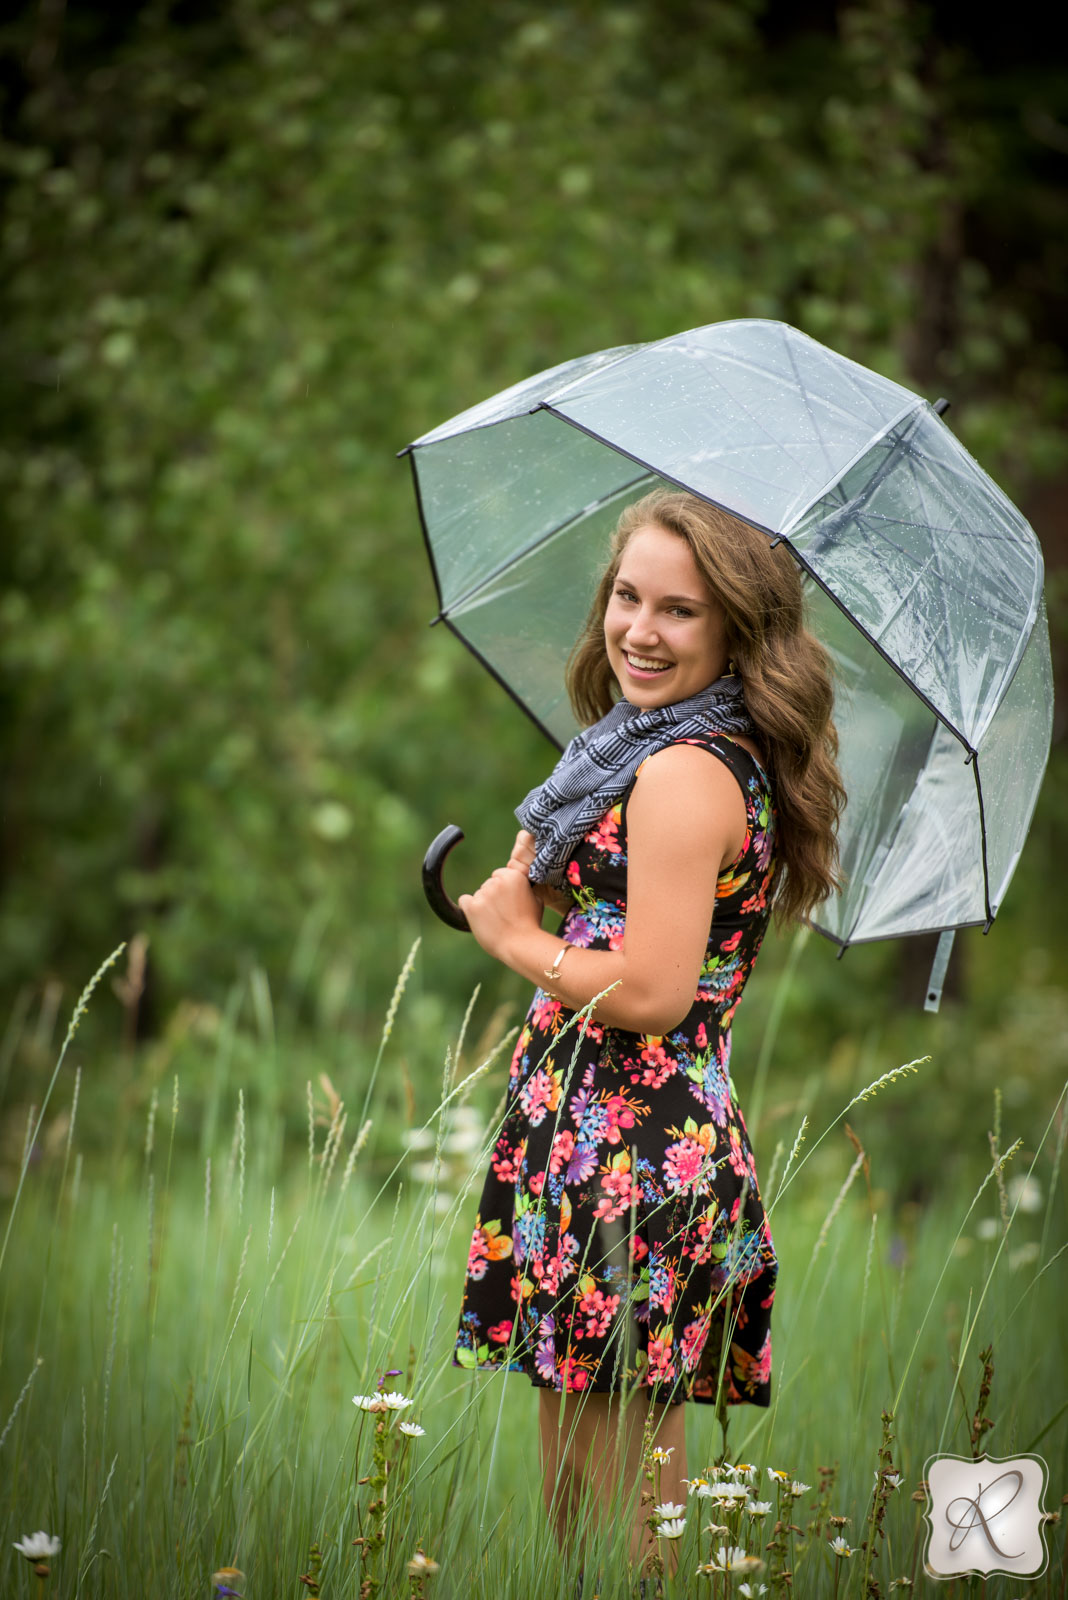 Jade Sanders senior pictures Bayfield Colorado - umbrella